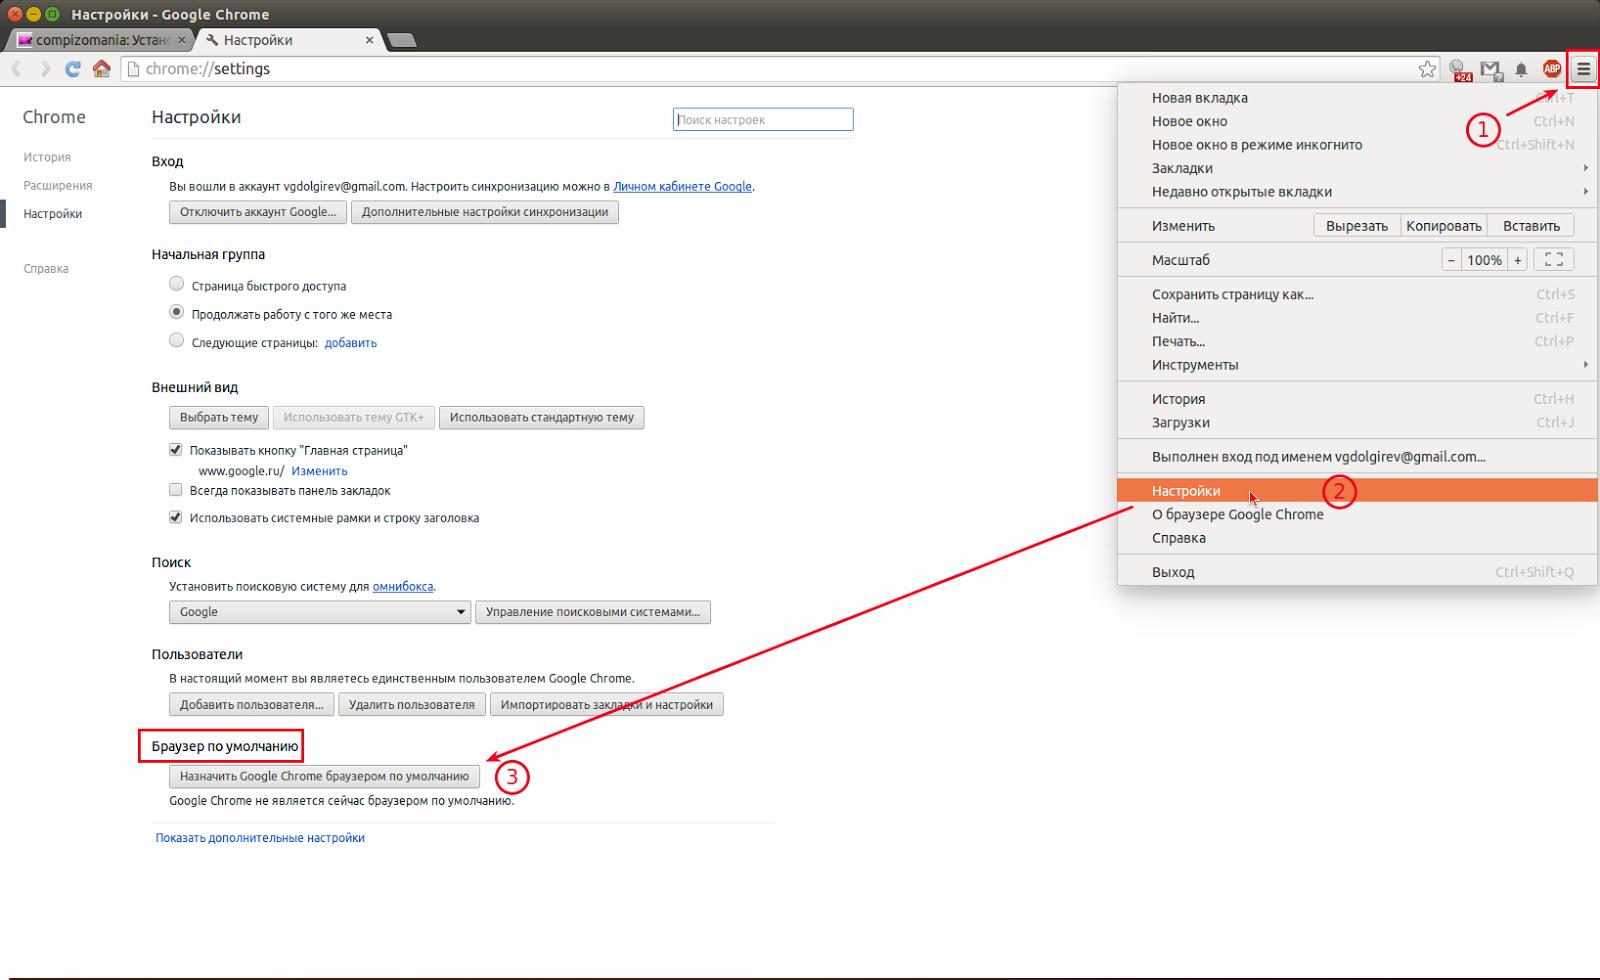 Как сделать Firefox браузером по умолчанию Справка Firefox 68